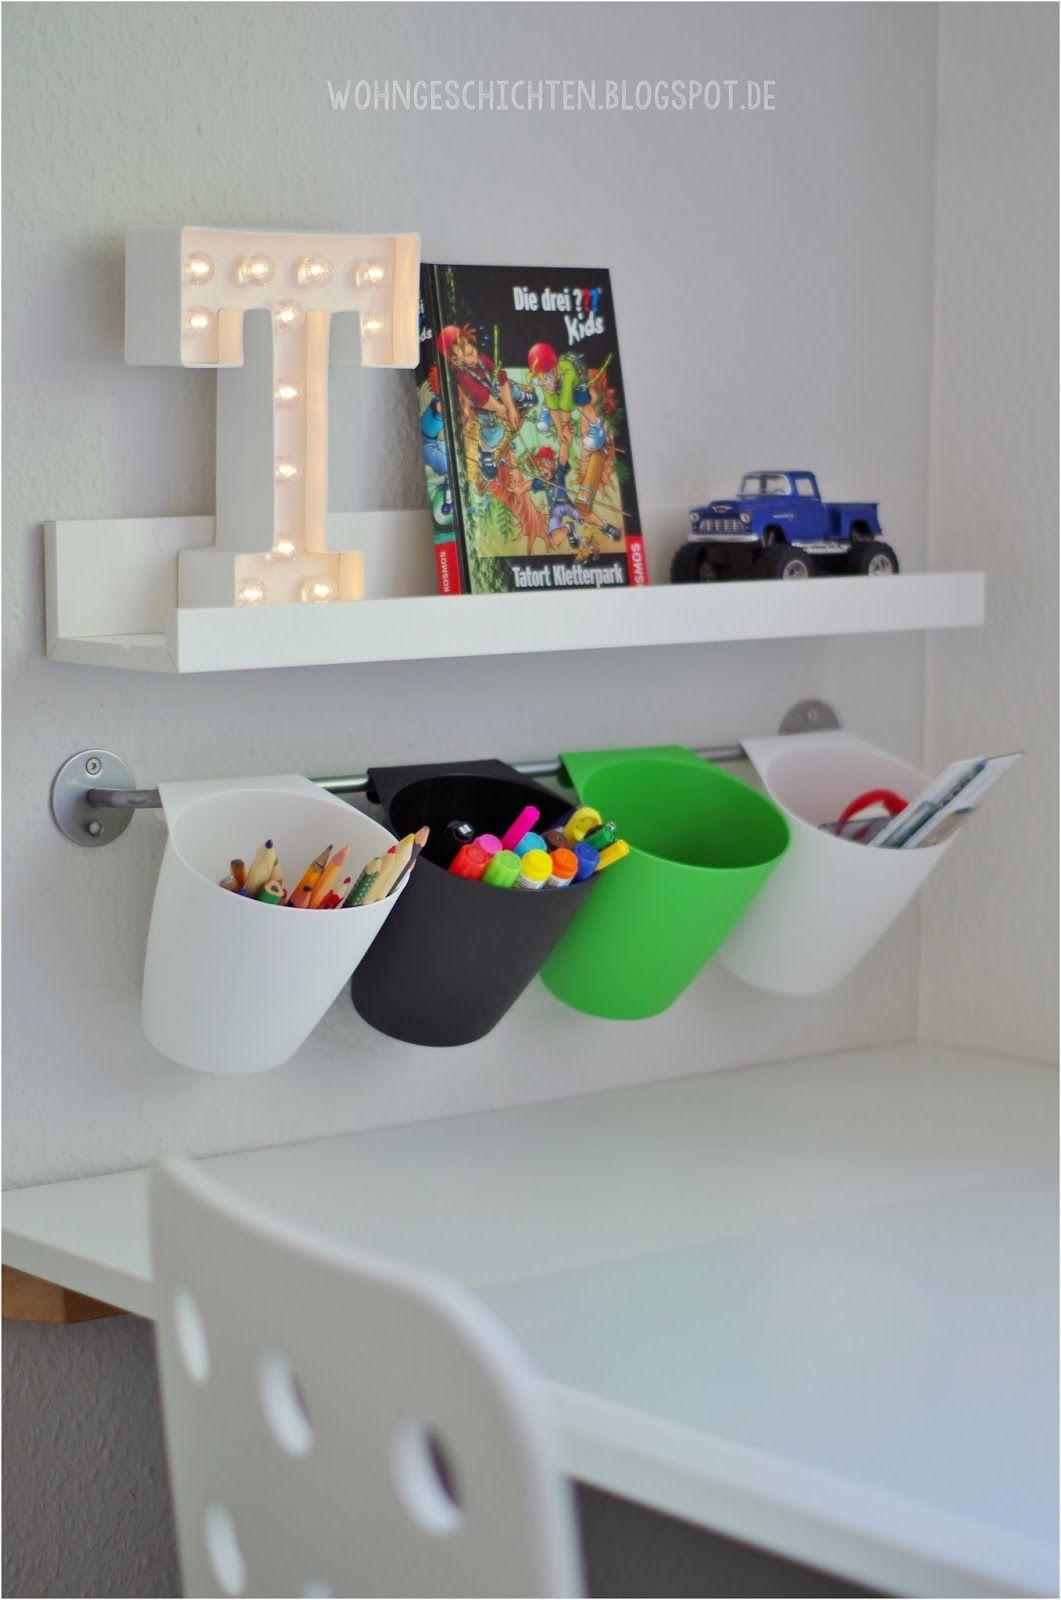 Ein zimmer für kinder hellweg kinderzimmer etagenbett schreibtisch jugendzimmer baumarkt